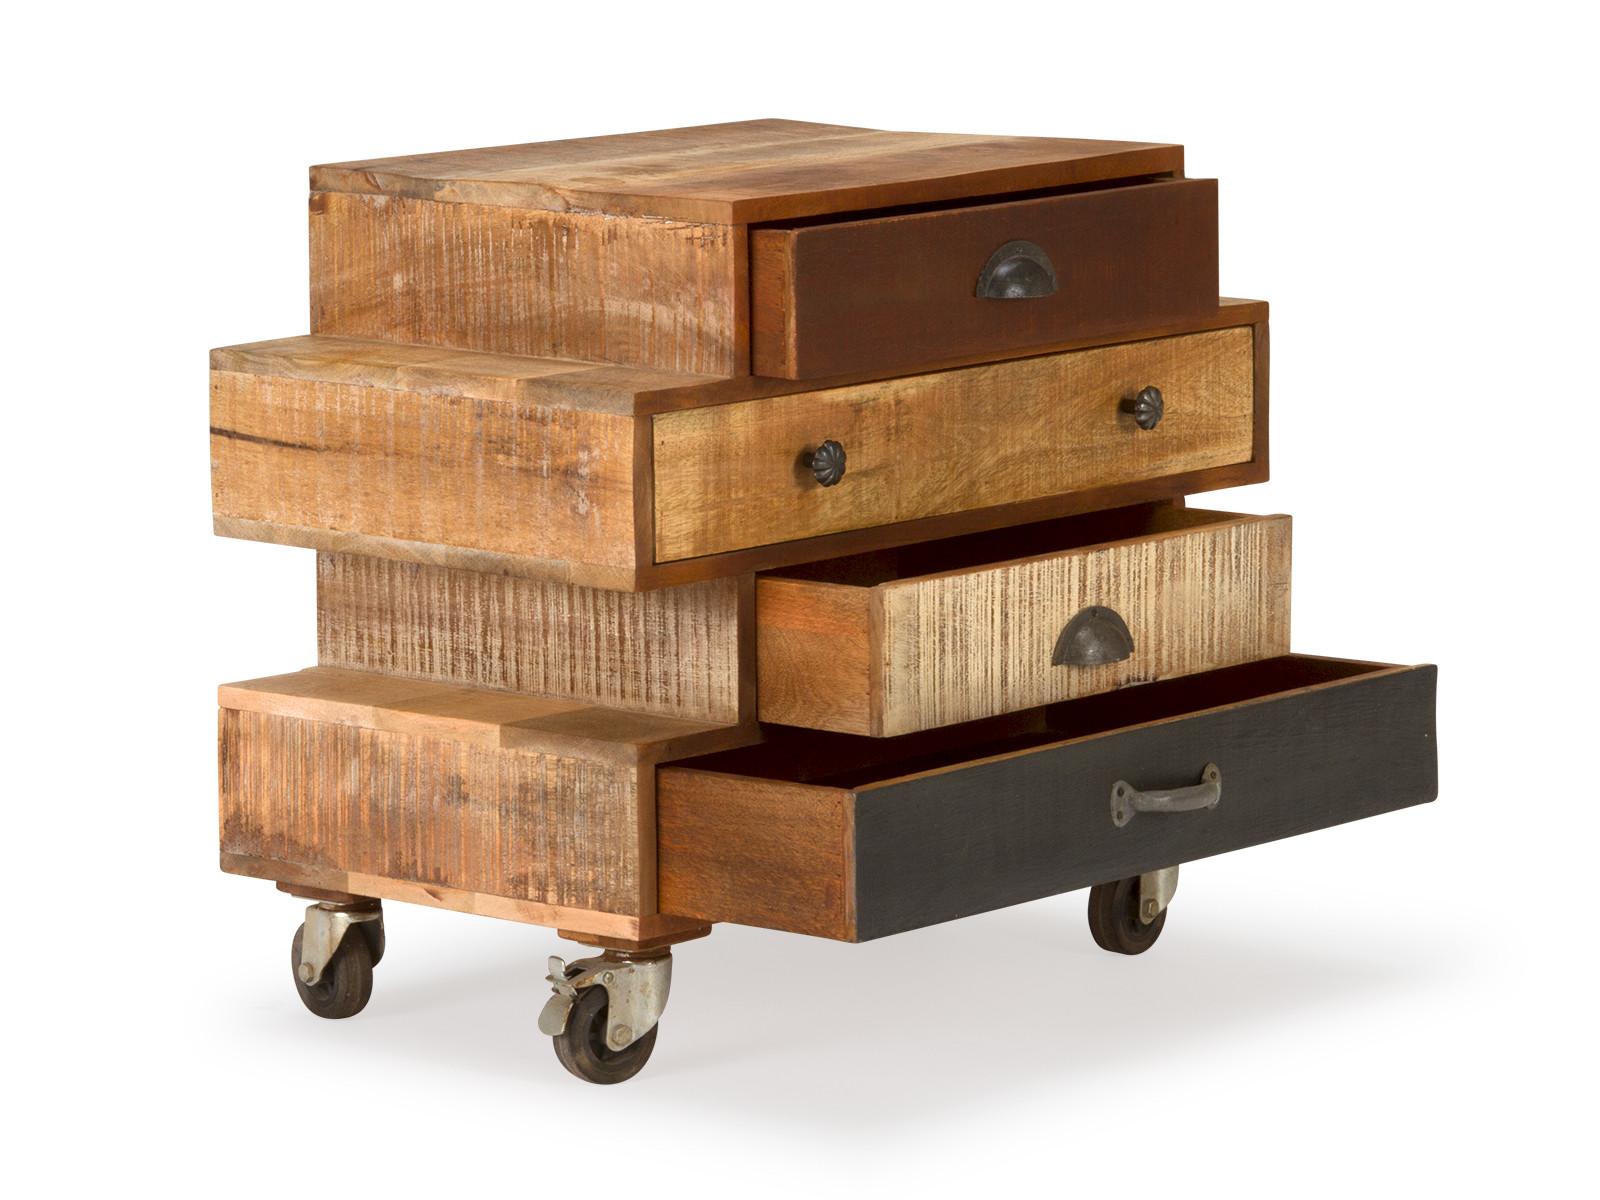 shabby kommode aus mangoholz auf rollen versandkostenfreie m bel online bestellen. Black Bedroom Furniture Sets. Home Design Ideas